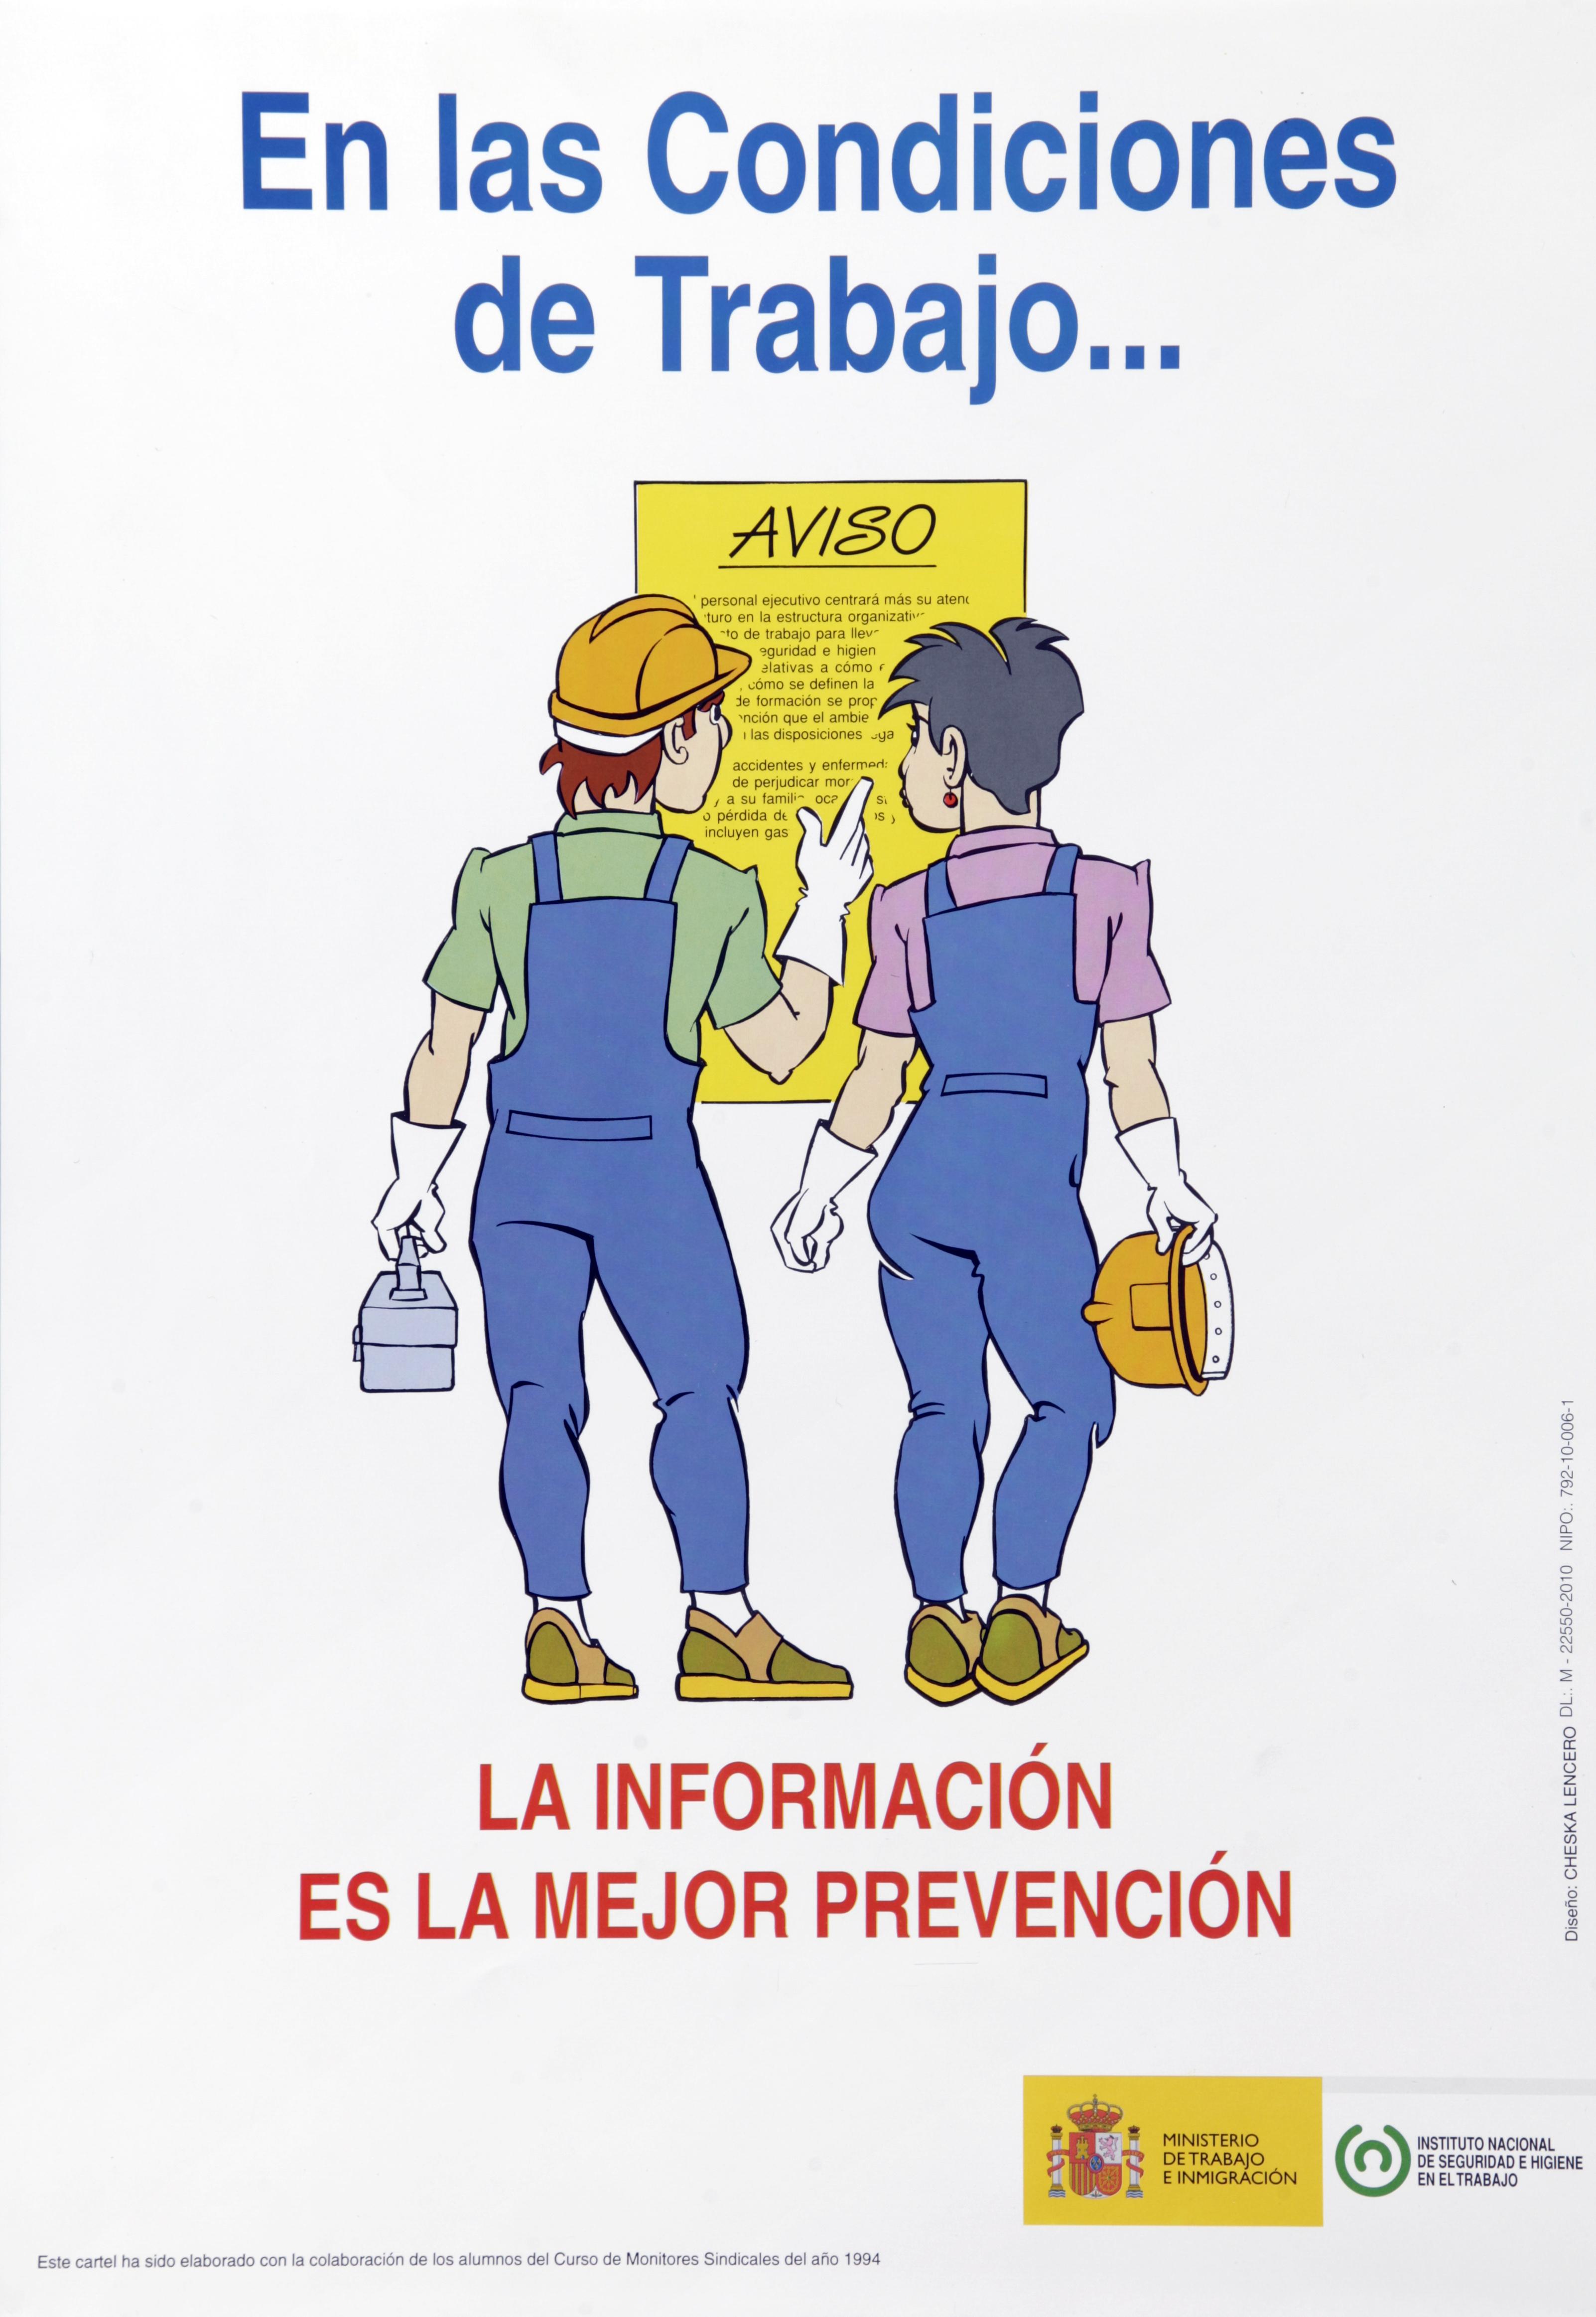 En las condiciones de trabajo... la información es la mejor prevención. Cartel - Año 2010